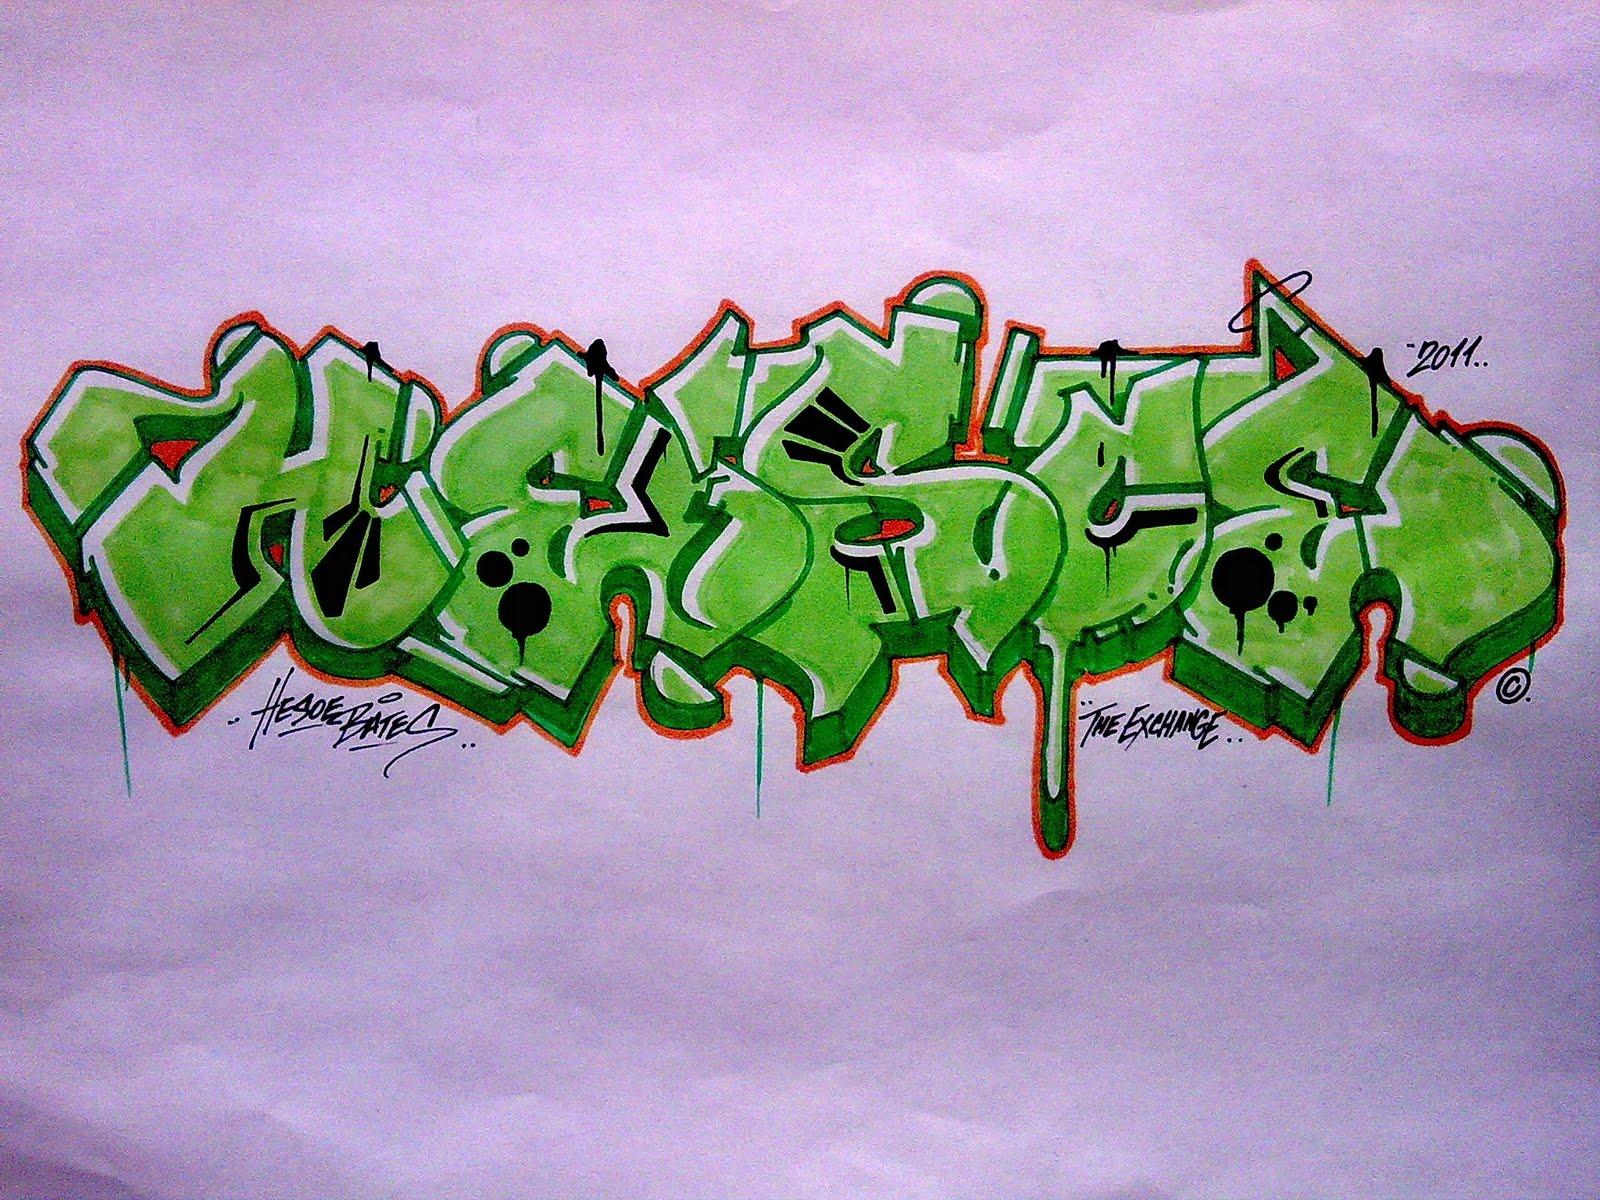 West Coast Graffiti Graffiti, hesoe, jurne,